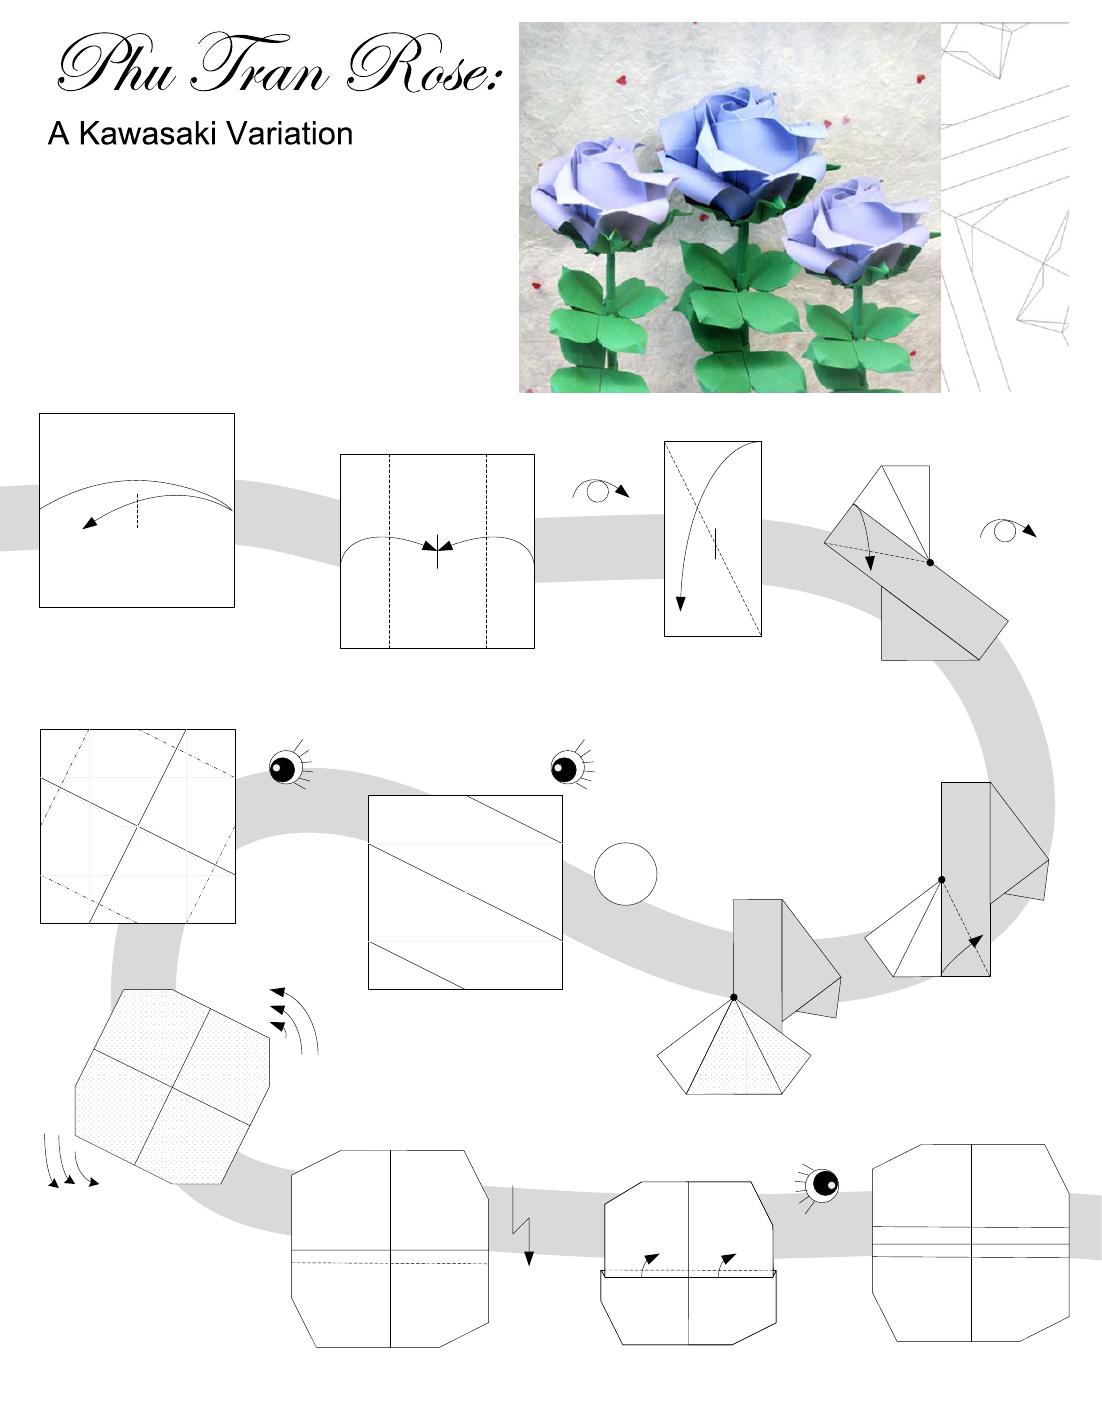 Origami Rose Diagram Phu Tran Roses Easy Diagrams Love Flowers Paper